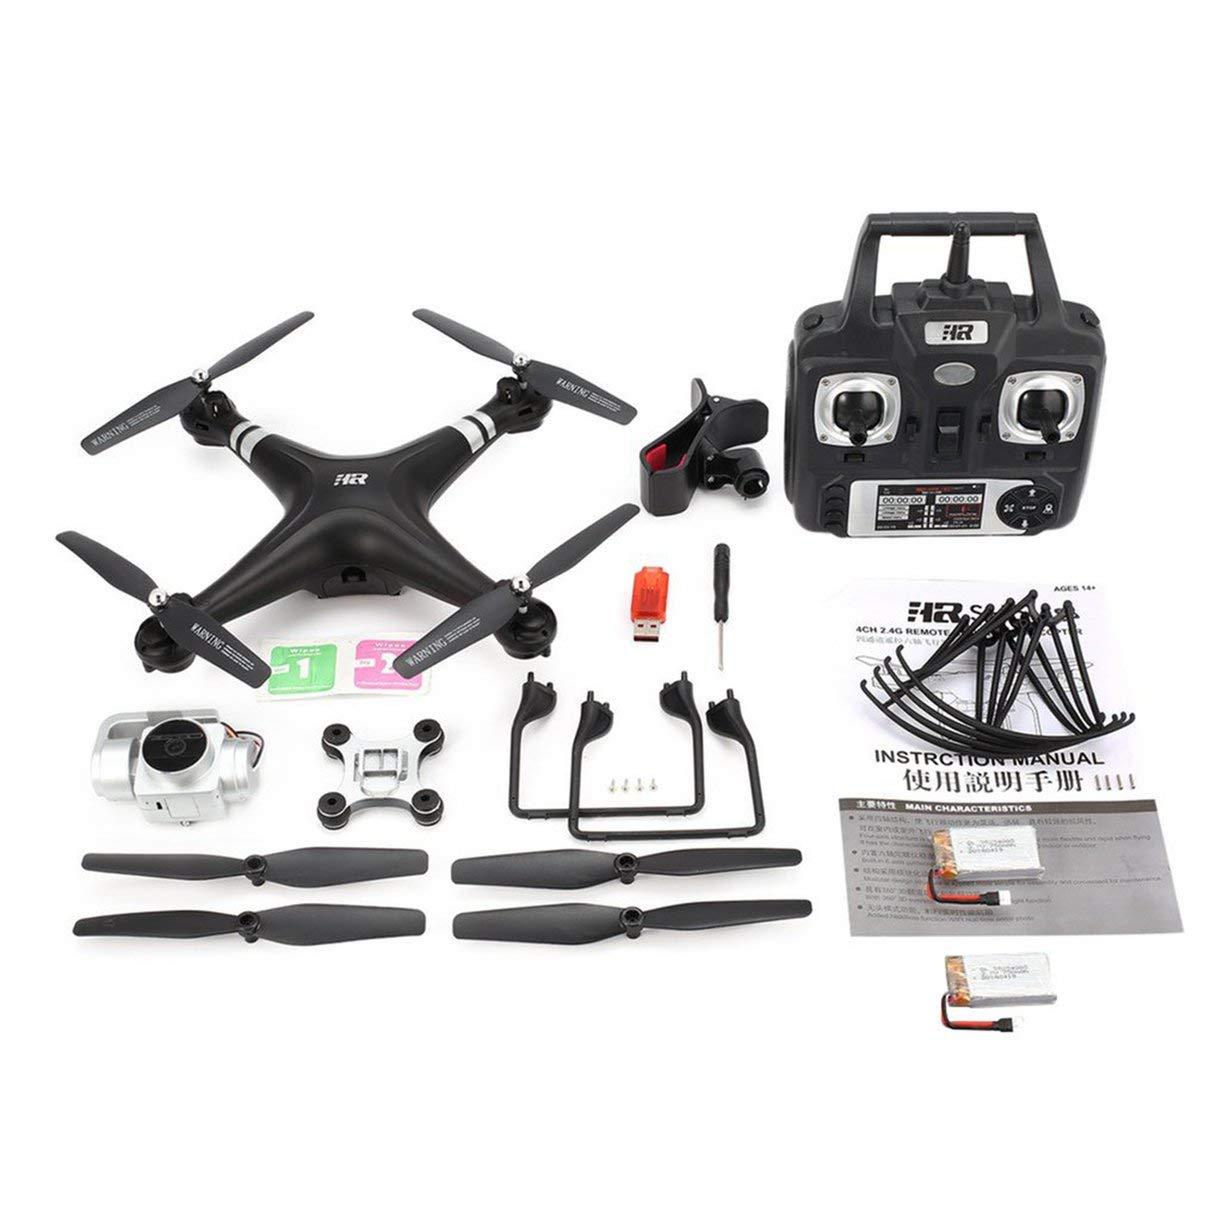 JullyeleDEgant SH5HD FPV Drohne RC Quadcopter mit 1080P verstellbarem Weitwinkel WiFi HD Kamera Live Video Höhenstand Halten Sie 2 Batterien